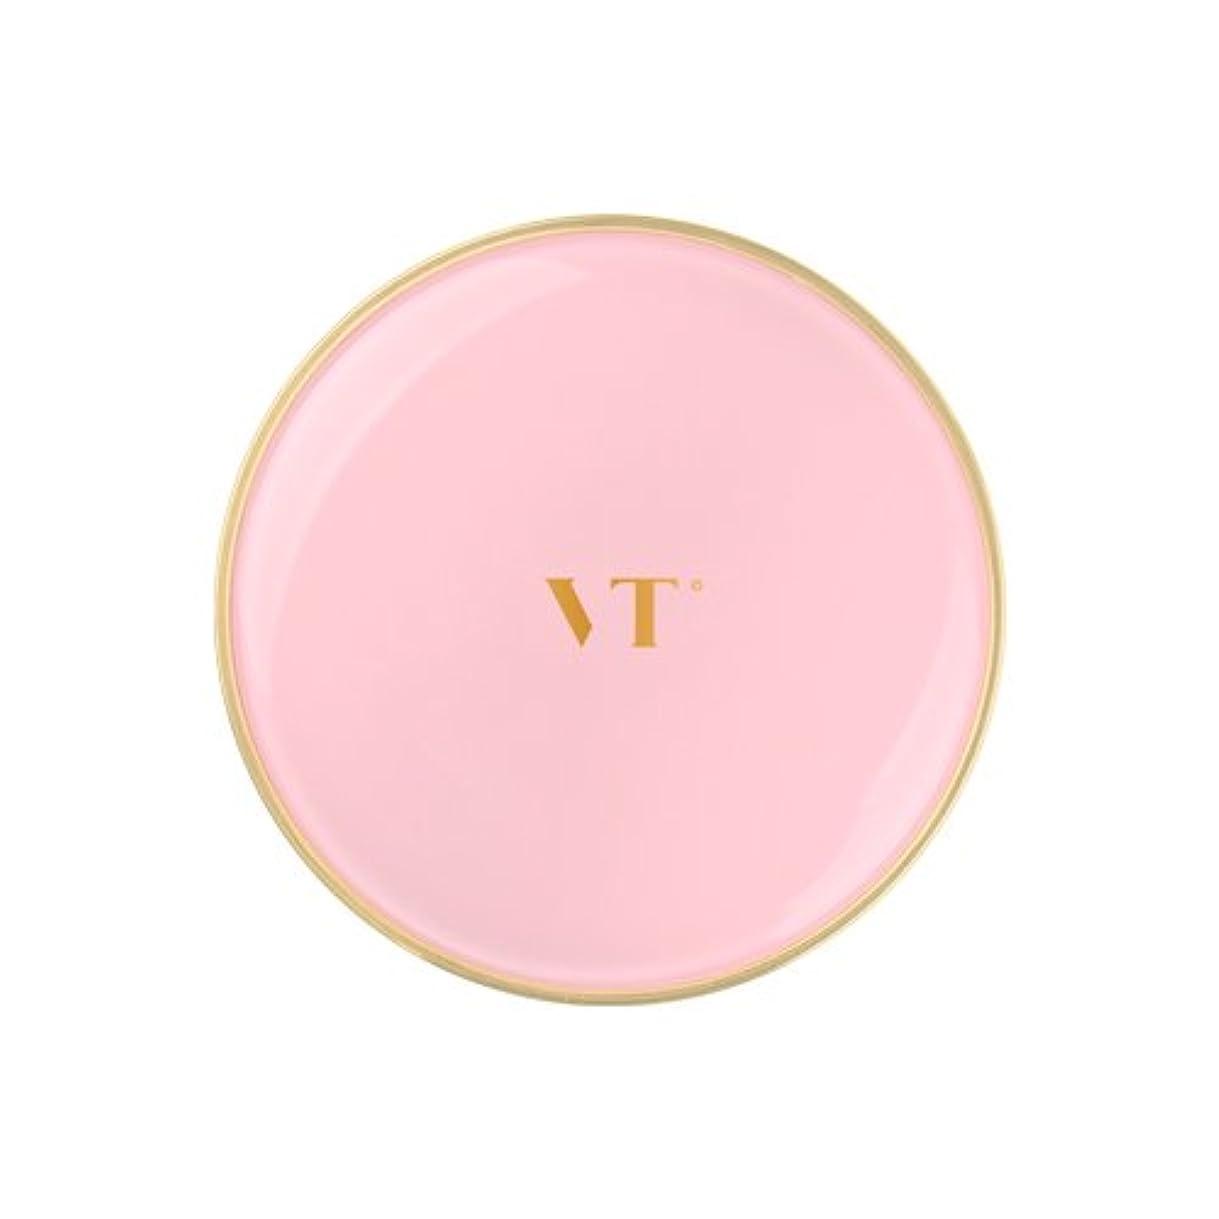 手配する失速買い手VT Collagen Pact 11g/ブイティー コラーゲン パクト 11g (#21) [並行輸入品]